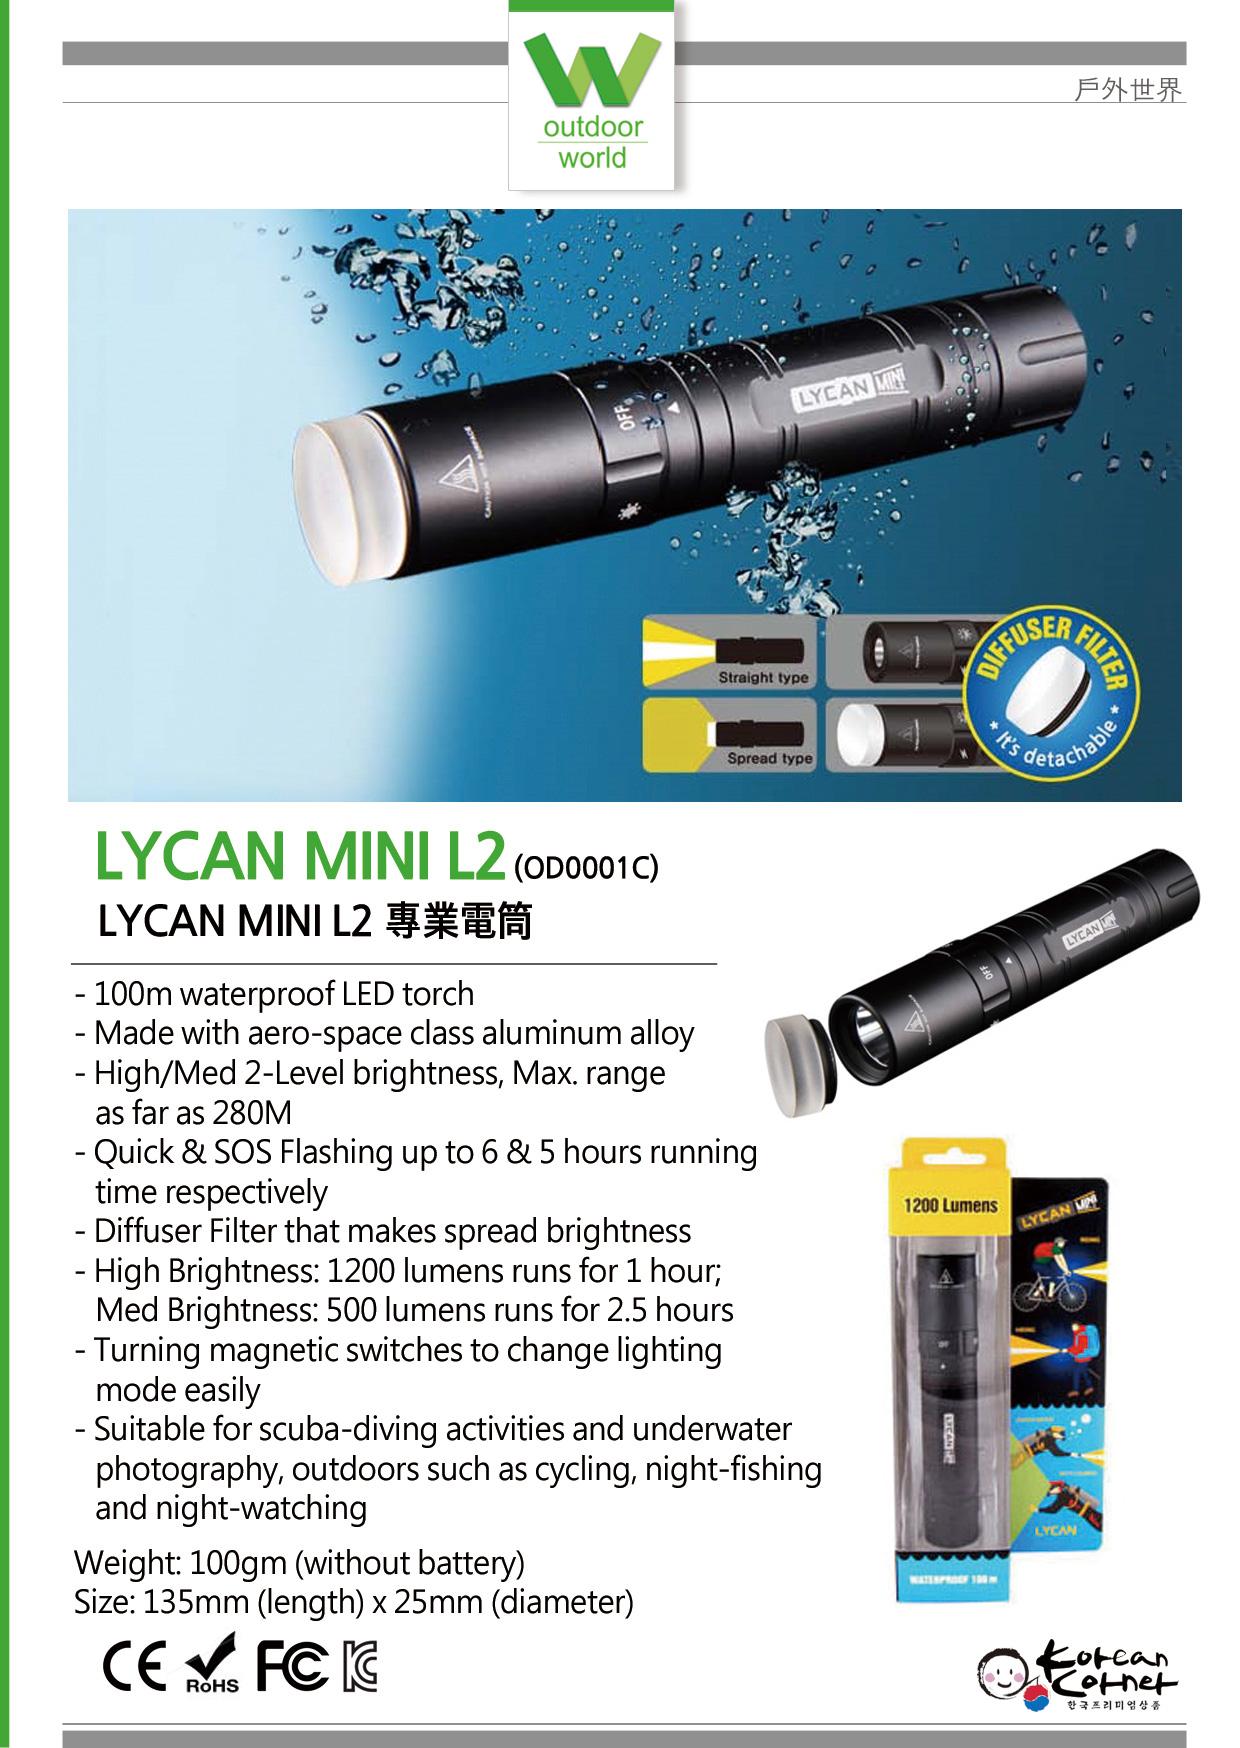 Lycan-Mini-L2_e_outdoor_world_Korean Corner